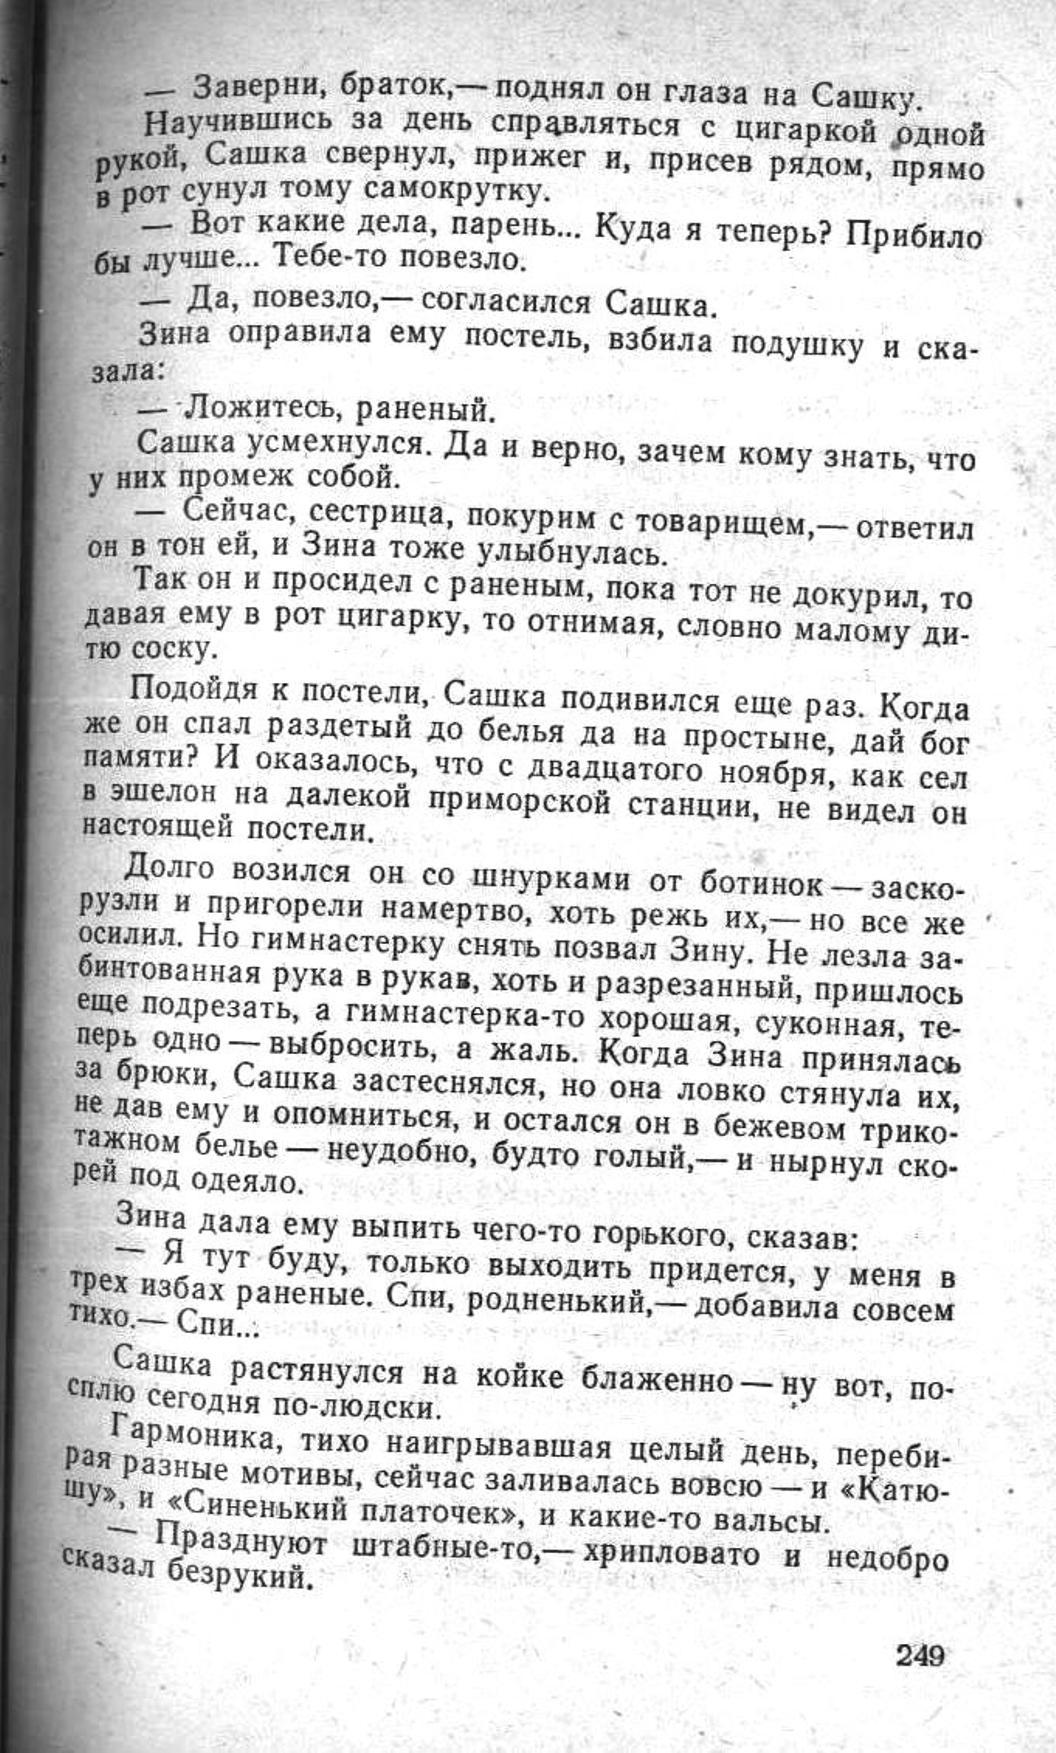 Сашка. Повесть. Вячеслав Кондратьев. 010. 006